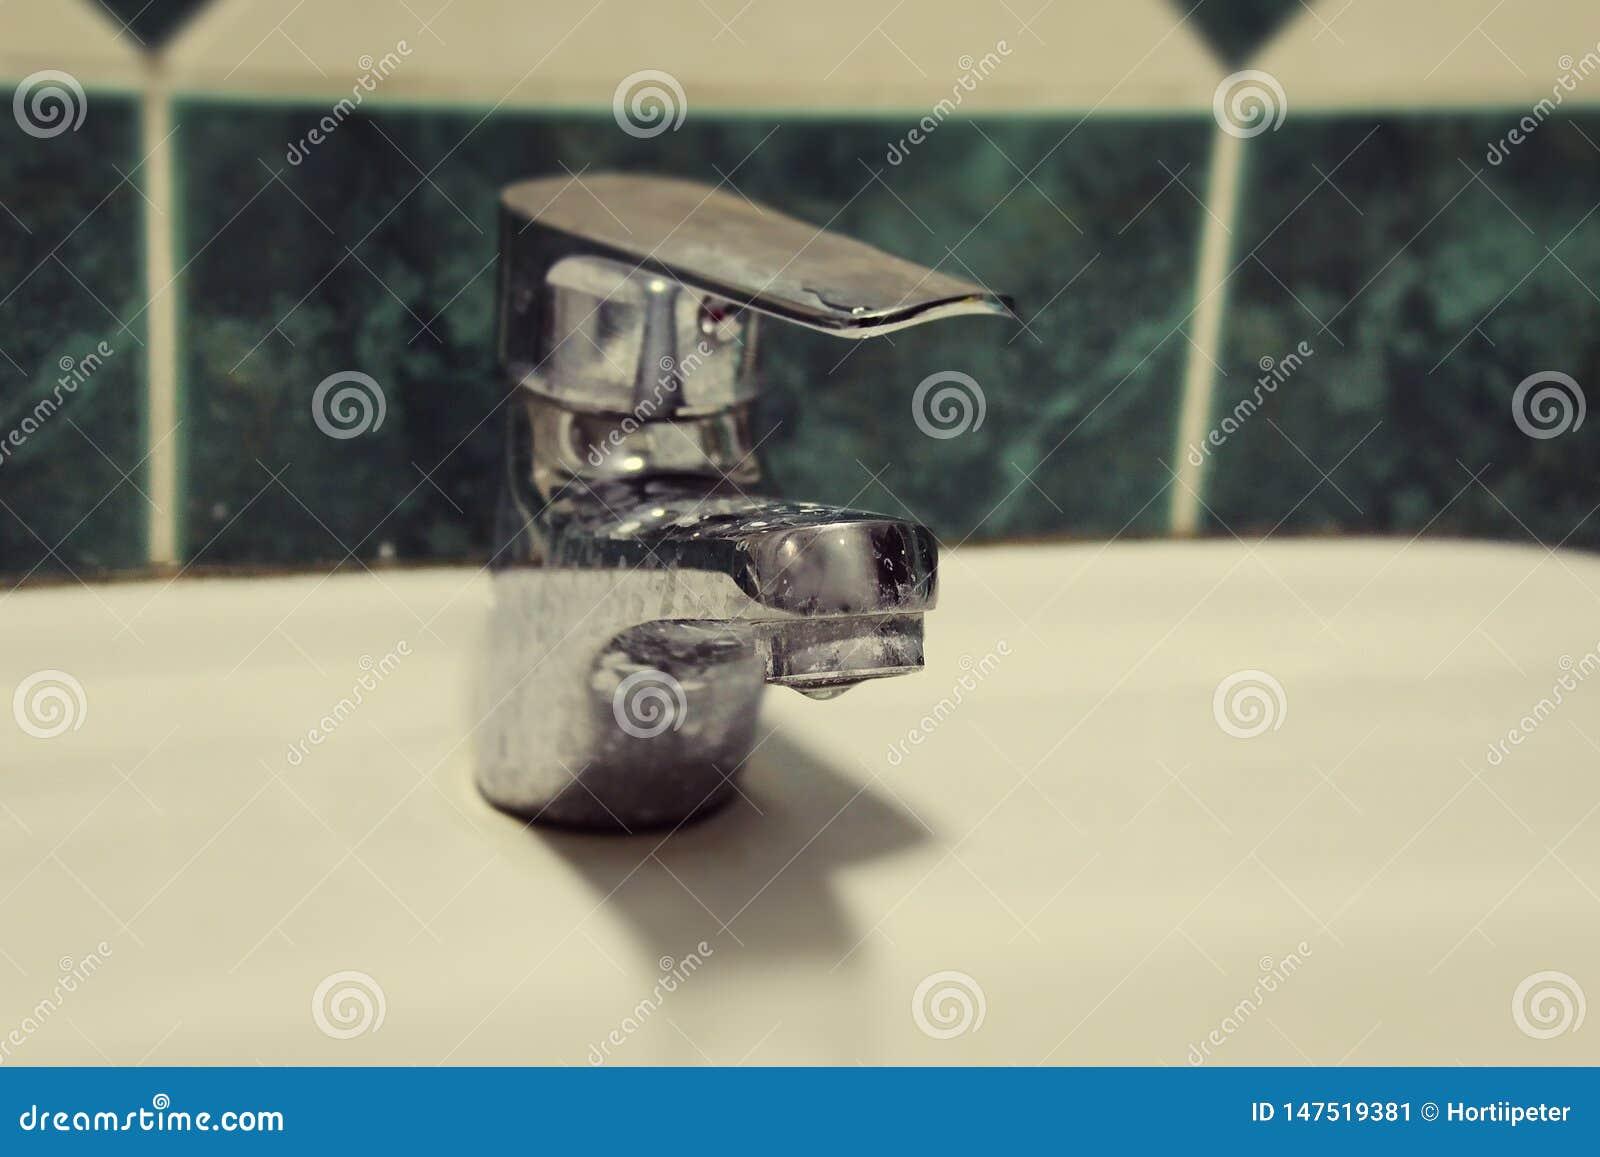 Hotel dirty fountain, spigot faucet